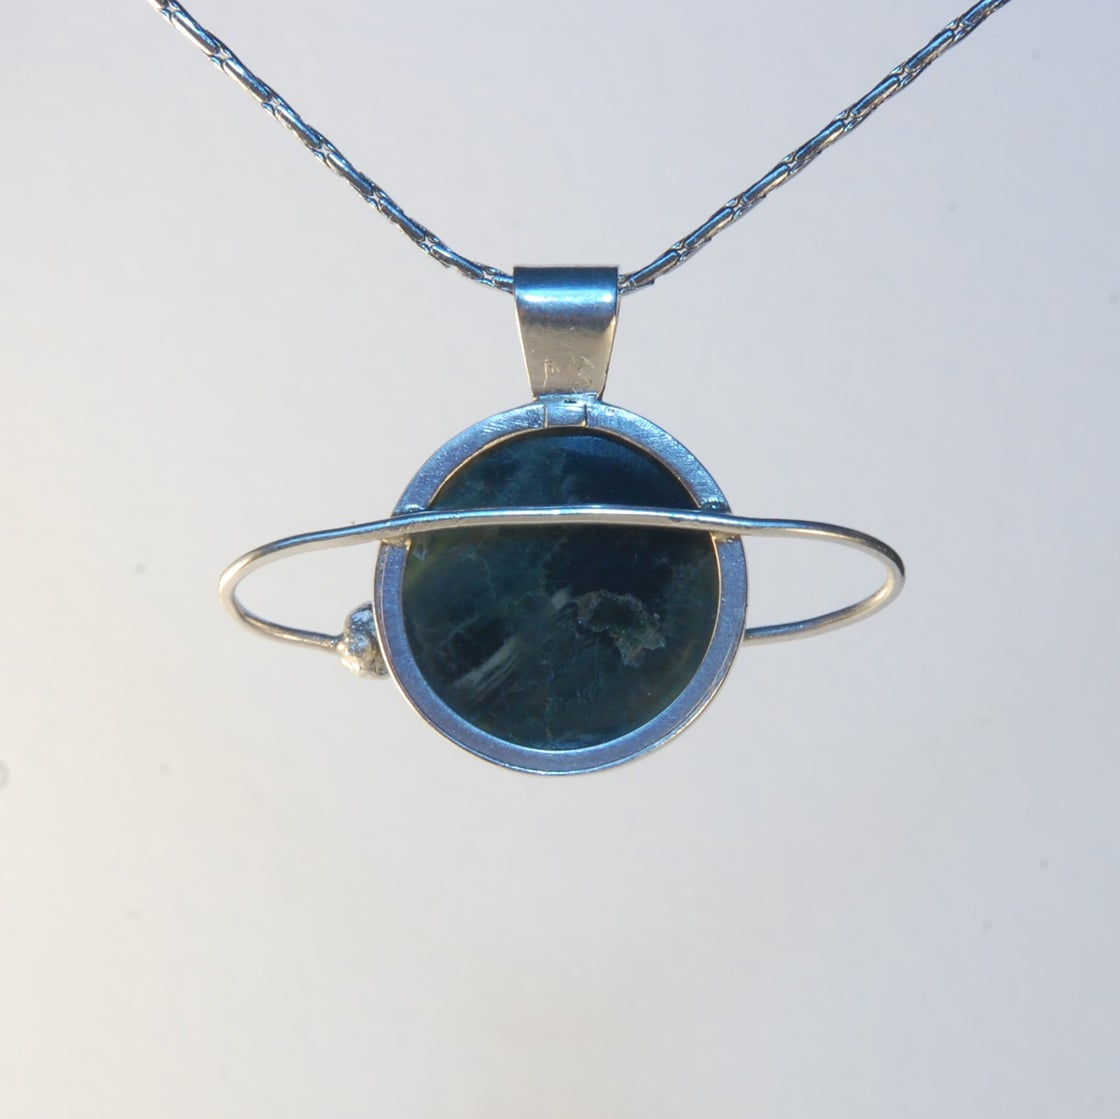 Image of Ocean Jasper Eye Planet Pendant